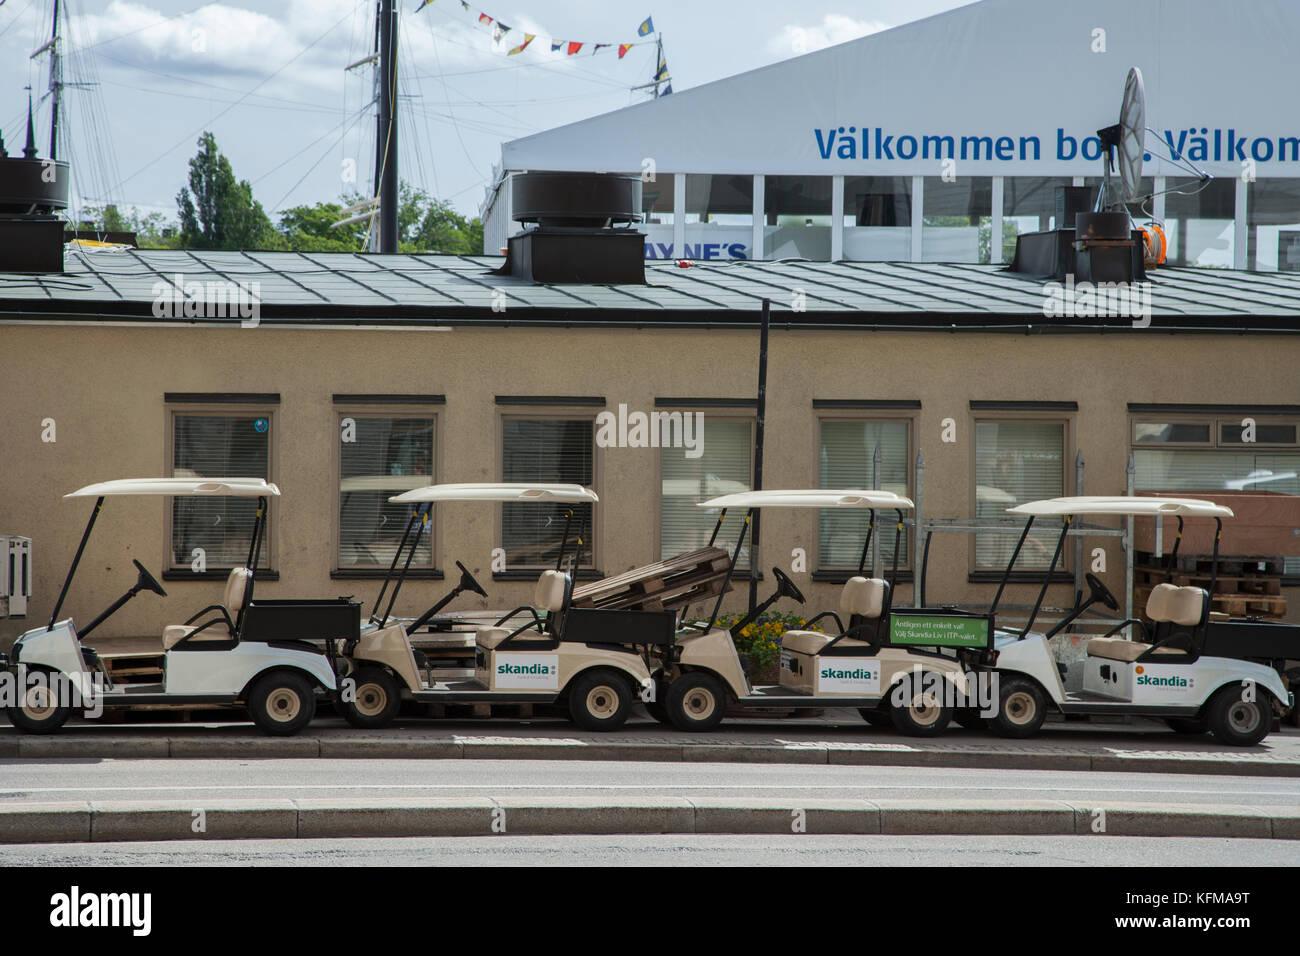 Golfbilar / Golf carts - Stock Image